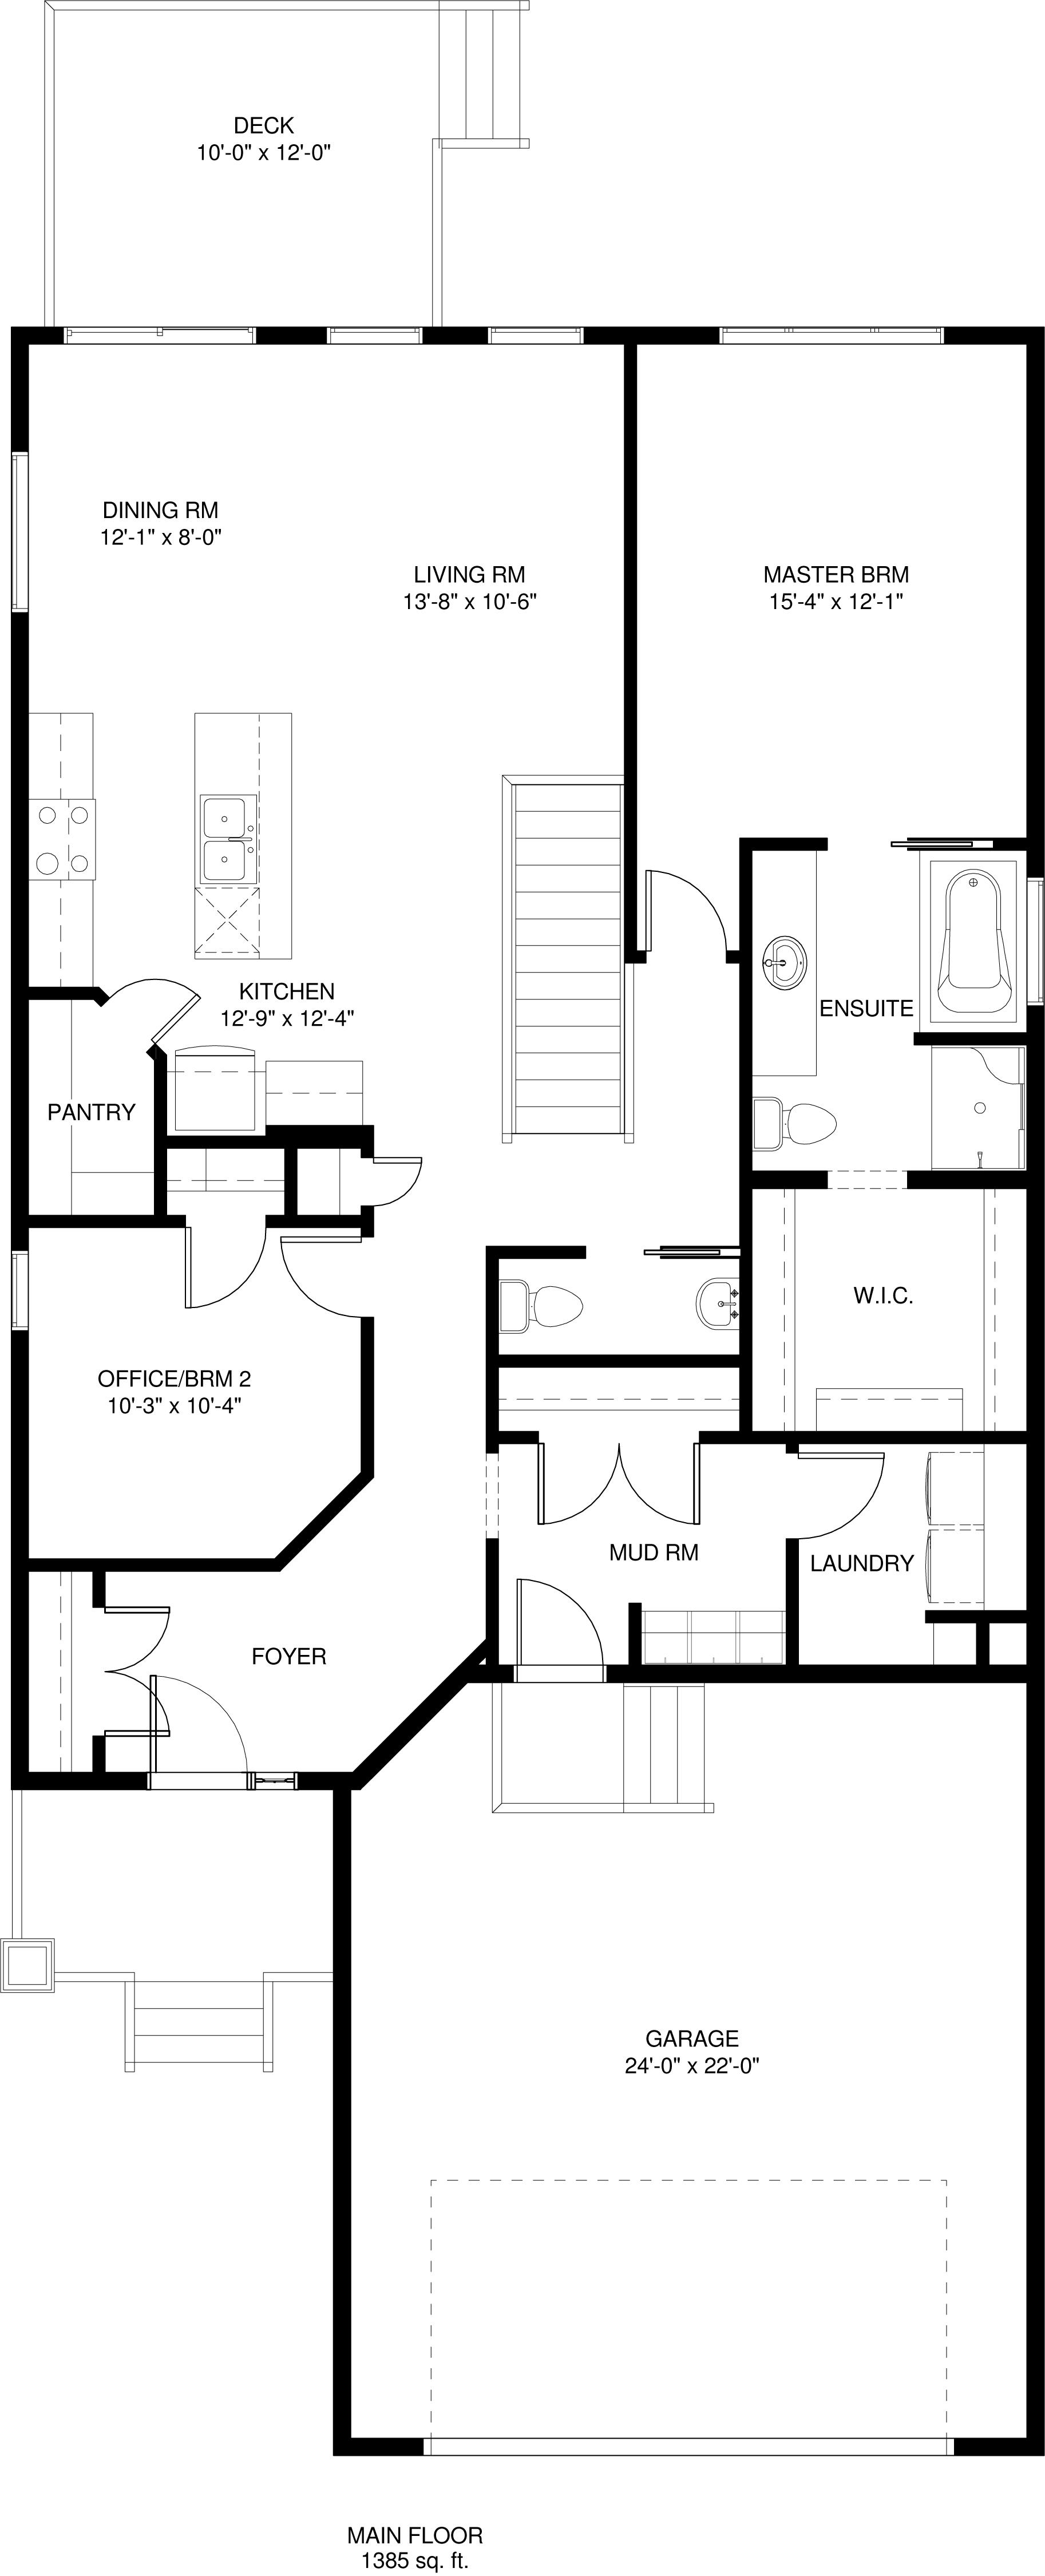 Main floor   1385 sq ft